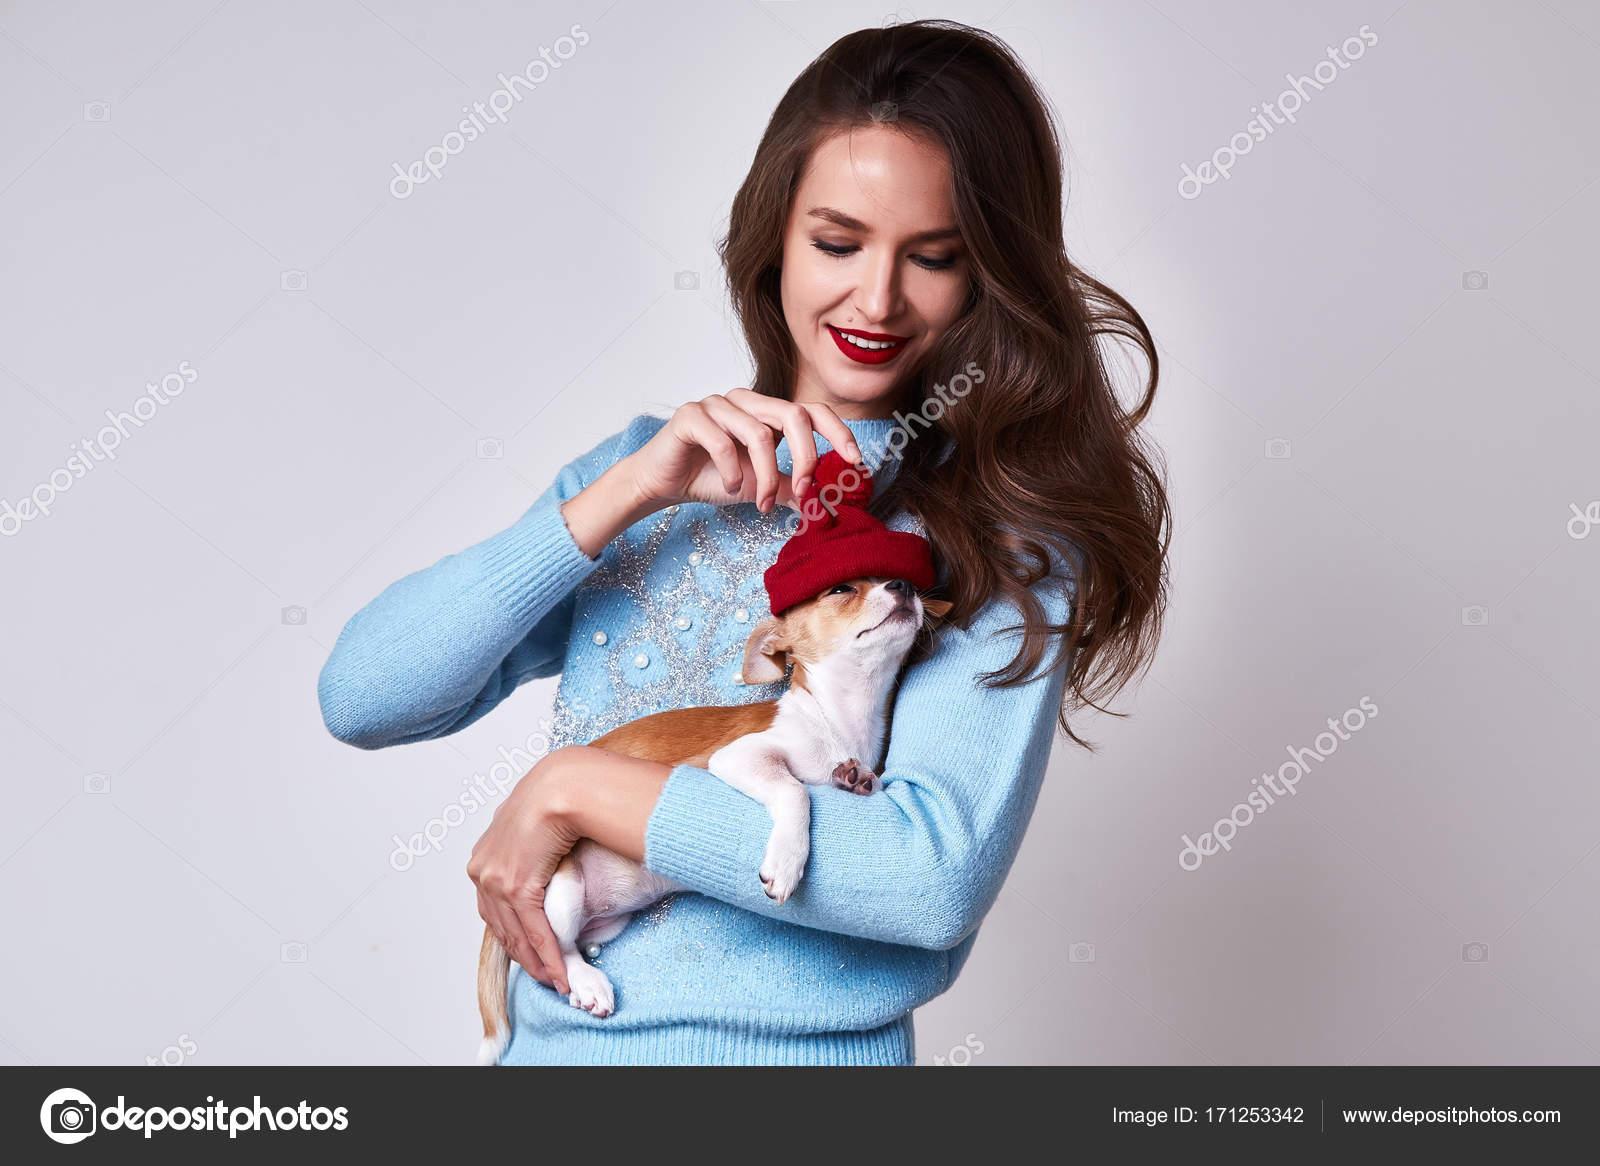 f4ab9ab52d94 Suéter de color azul pelo largo morena sexy hermosa mujer desgaste con  maquillaje de cara bonita de copo de nieve celebrar diversión de Navidad  feliz año ...